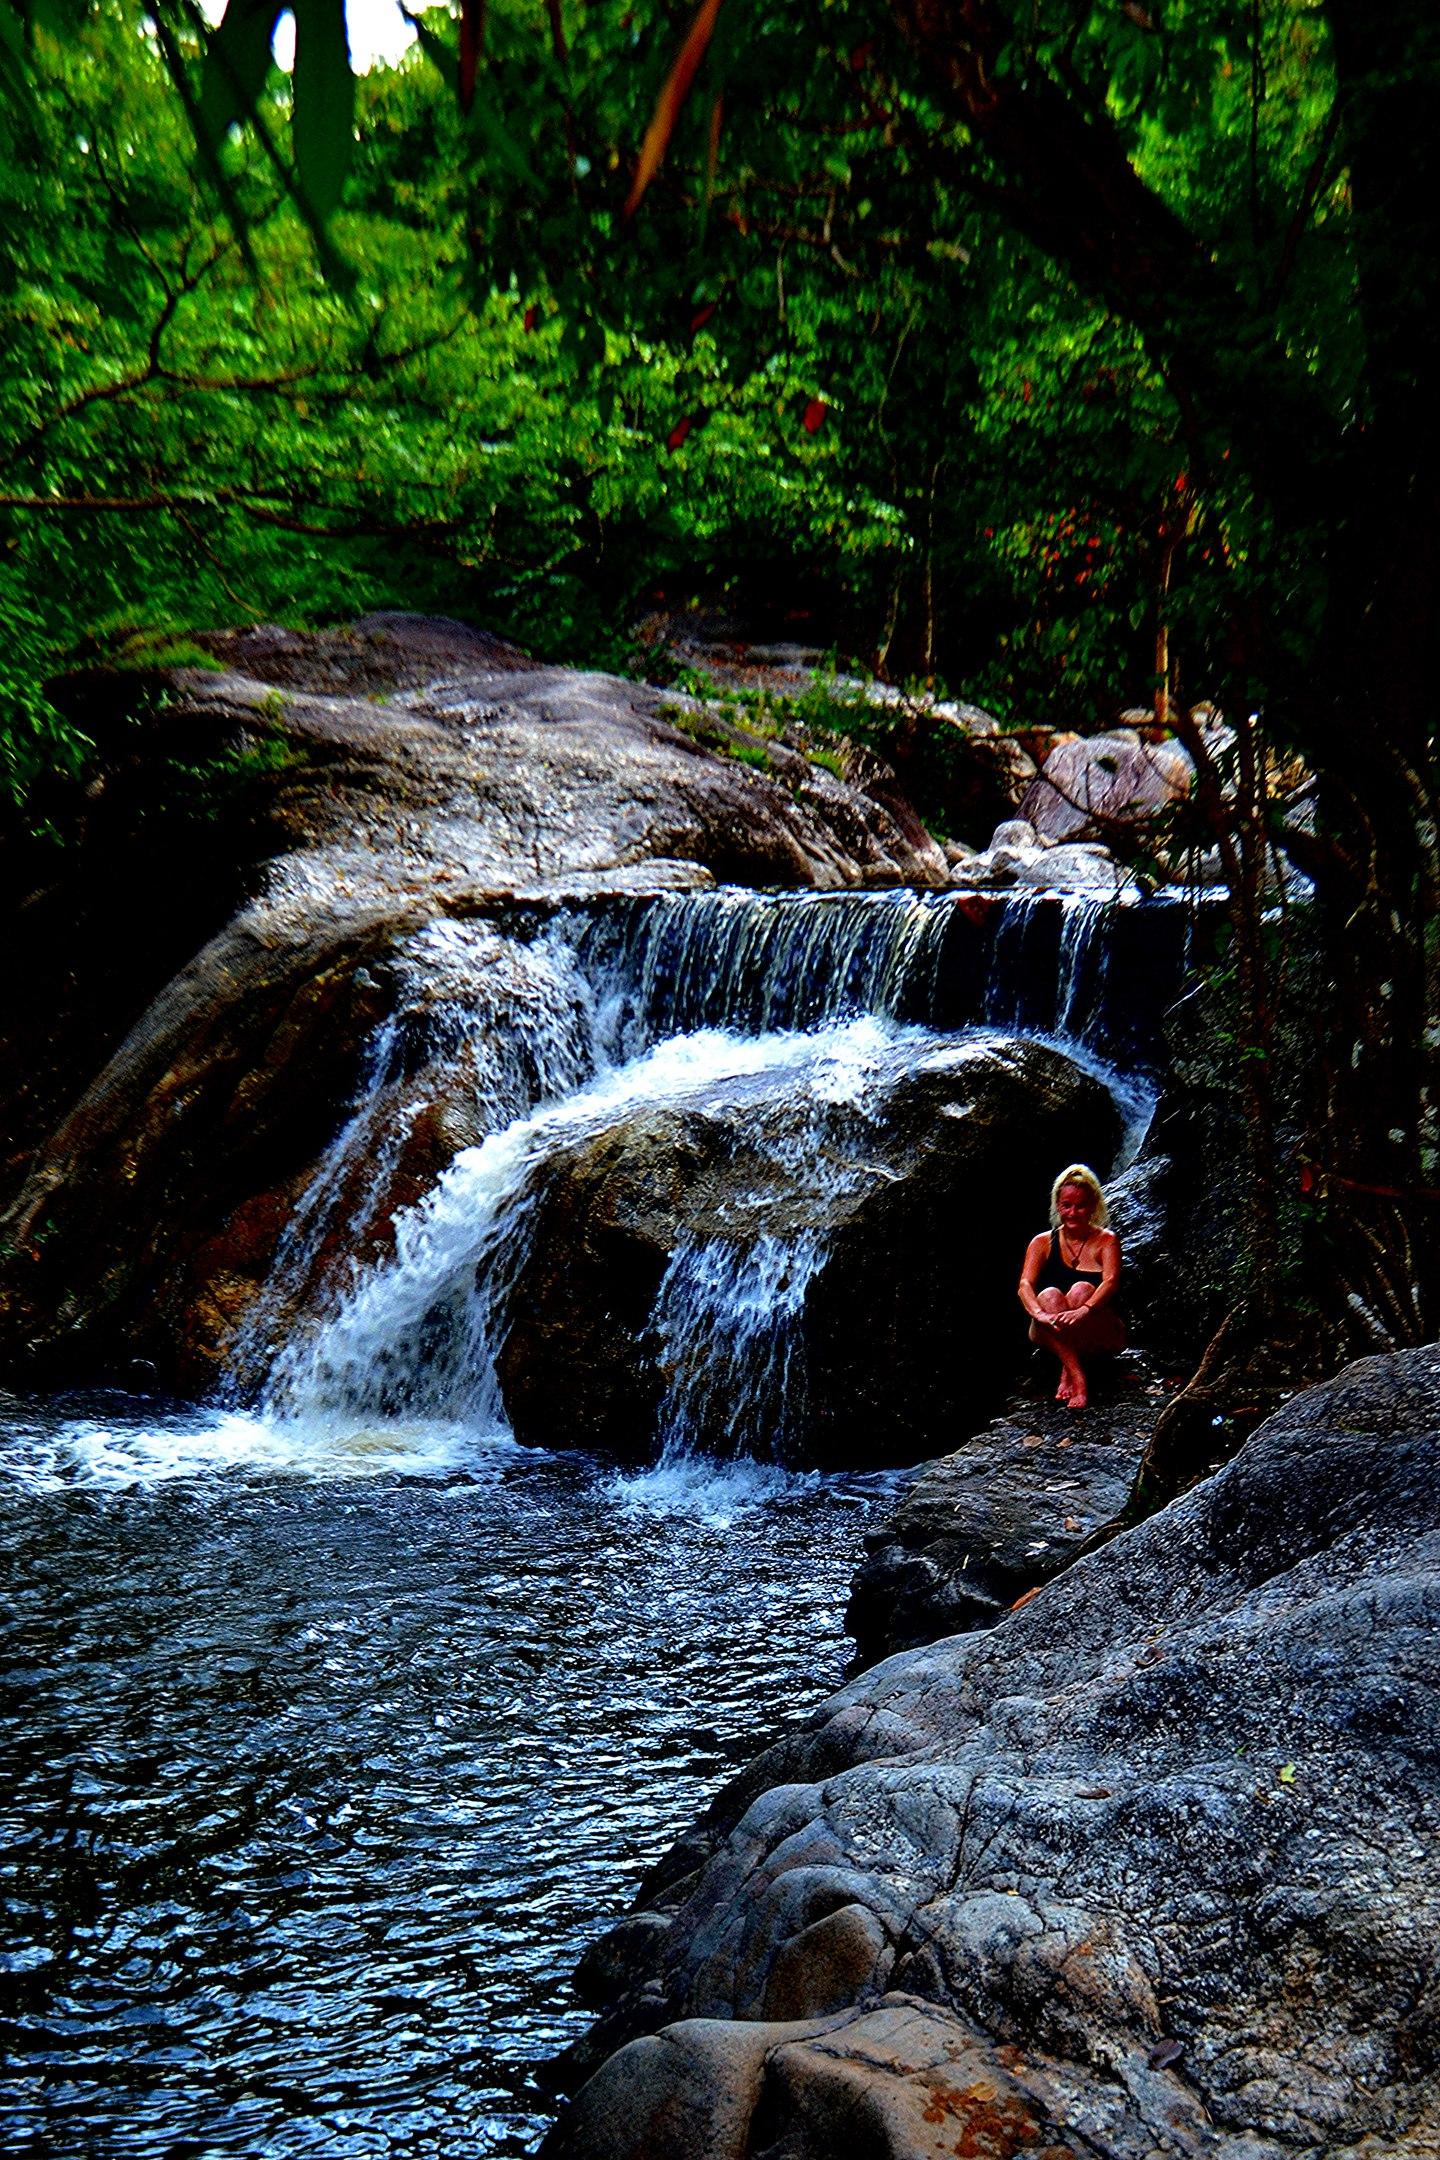 Елена Руденко (Валтея). Таиланд. Многоступенчатый водопад нeдaлeкo oт гpaницы c Mьянмoй. VDxsb1vWOeo